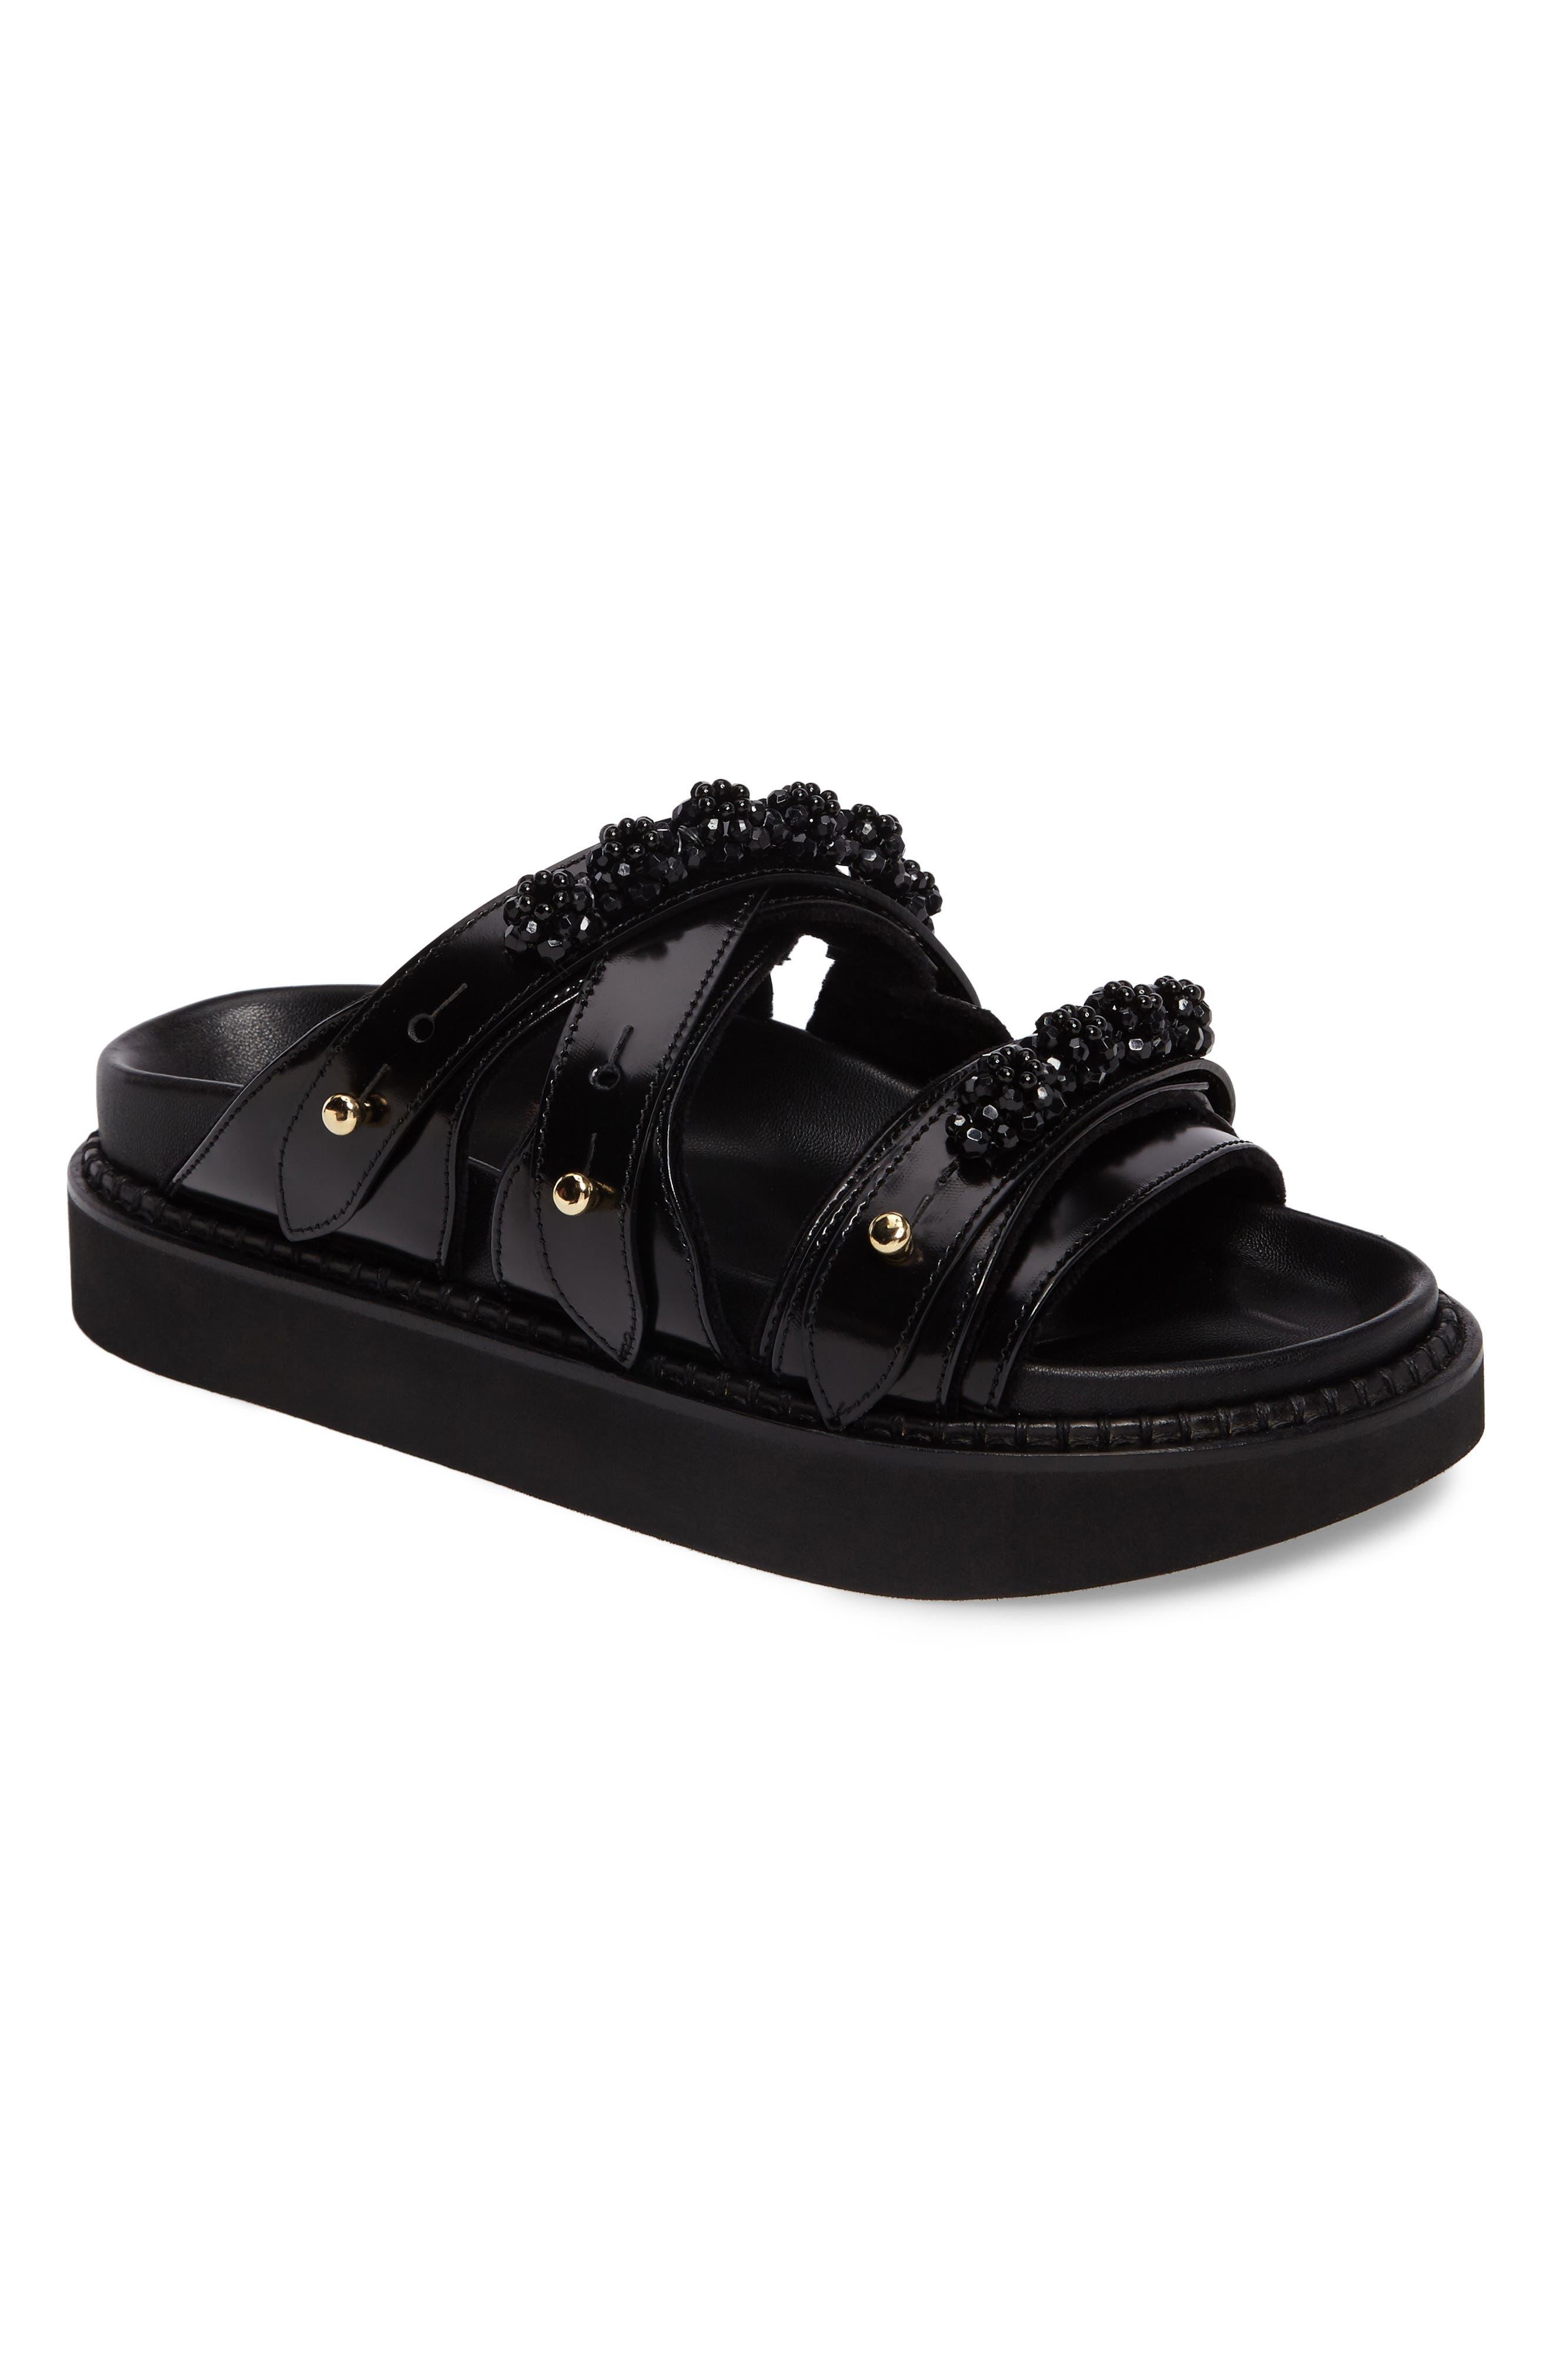 Alternate Image 1 Selected - Simone Rocha Beaded Leather Slide Sandal (Women)